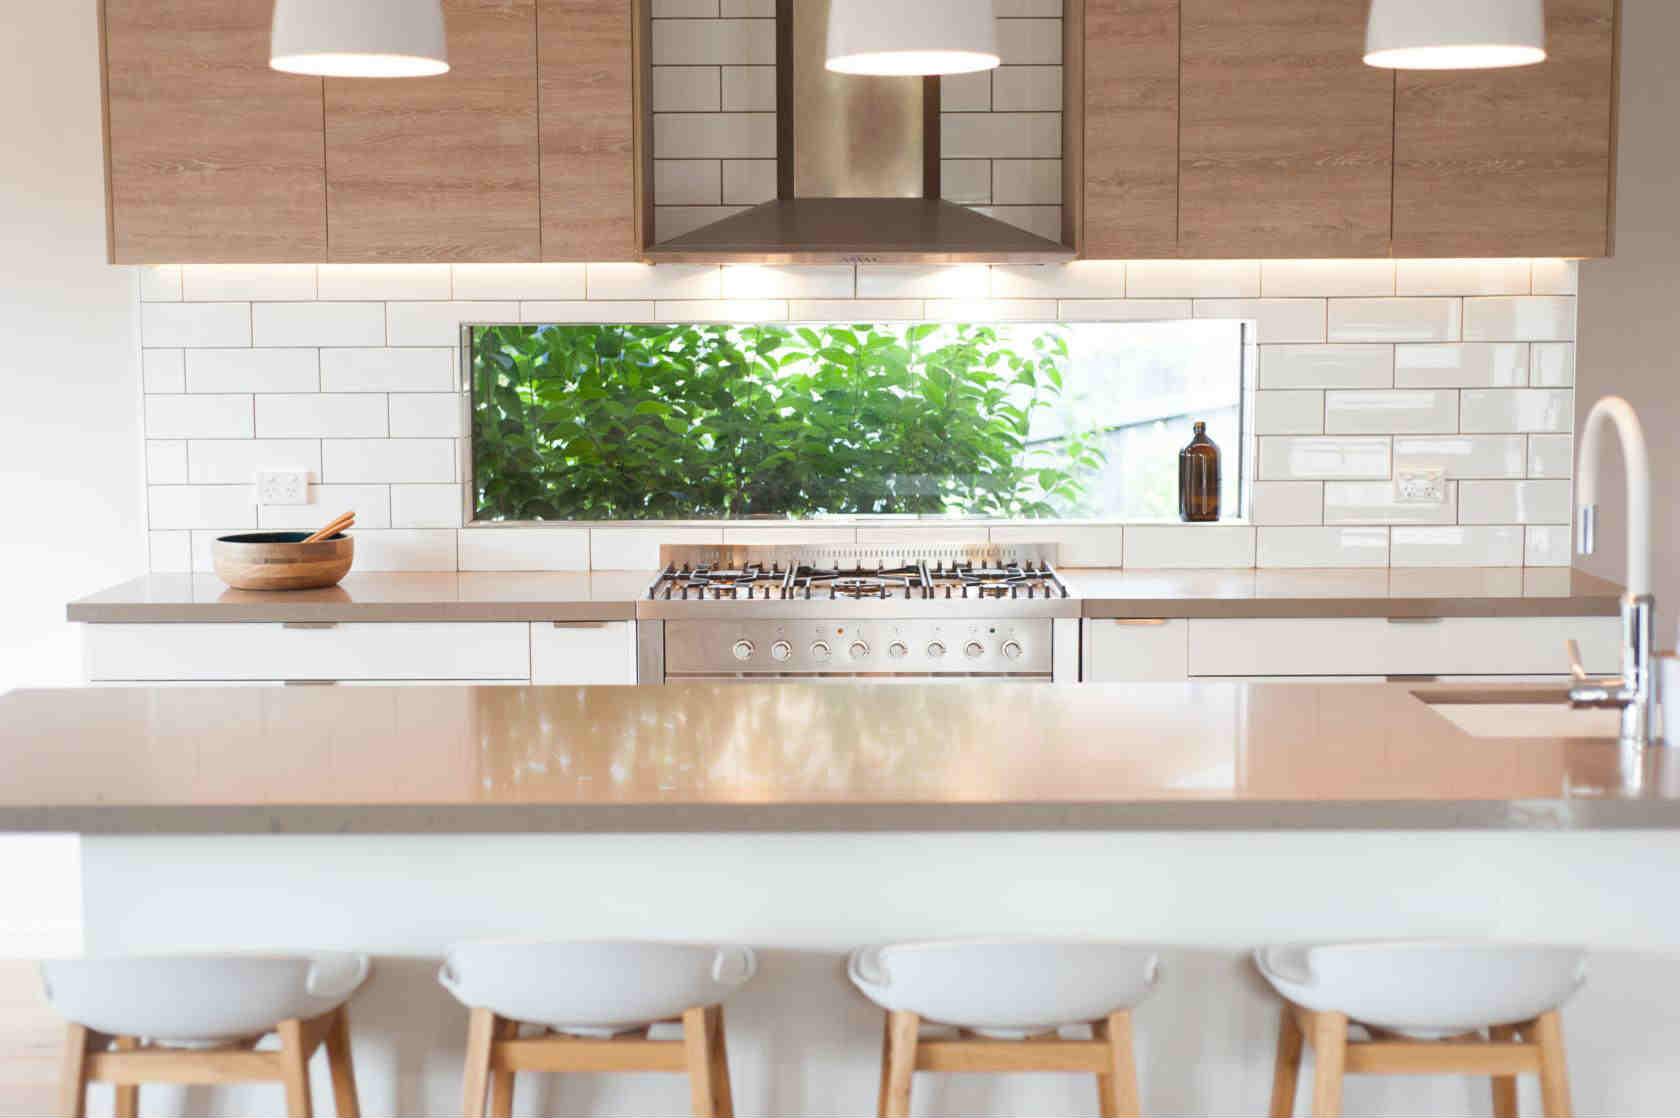 Zesta Kitchens Caesarstone benchtops